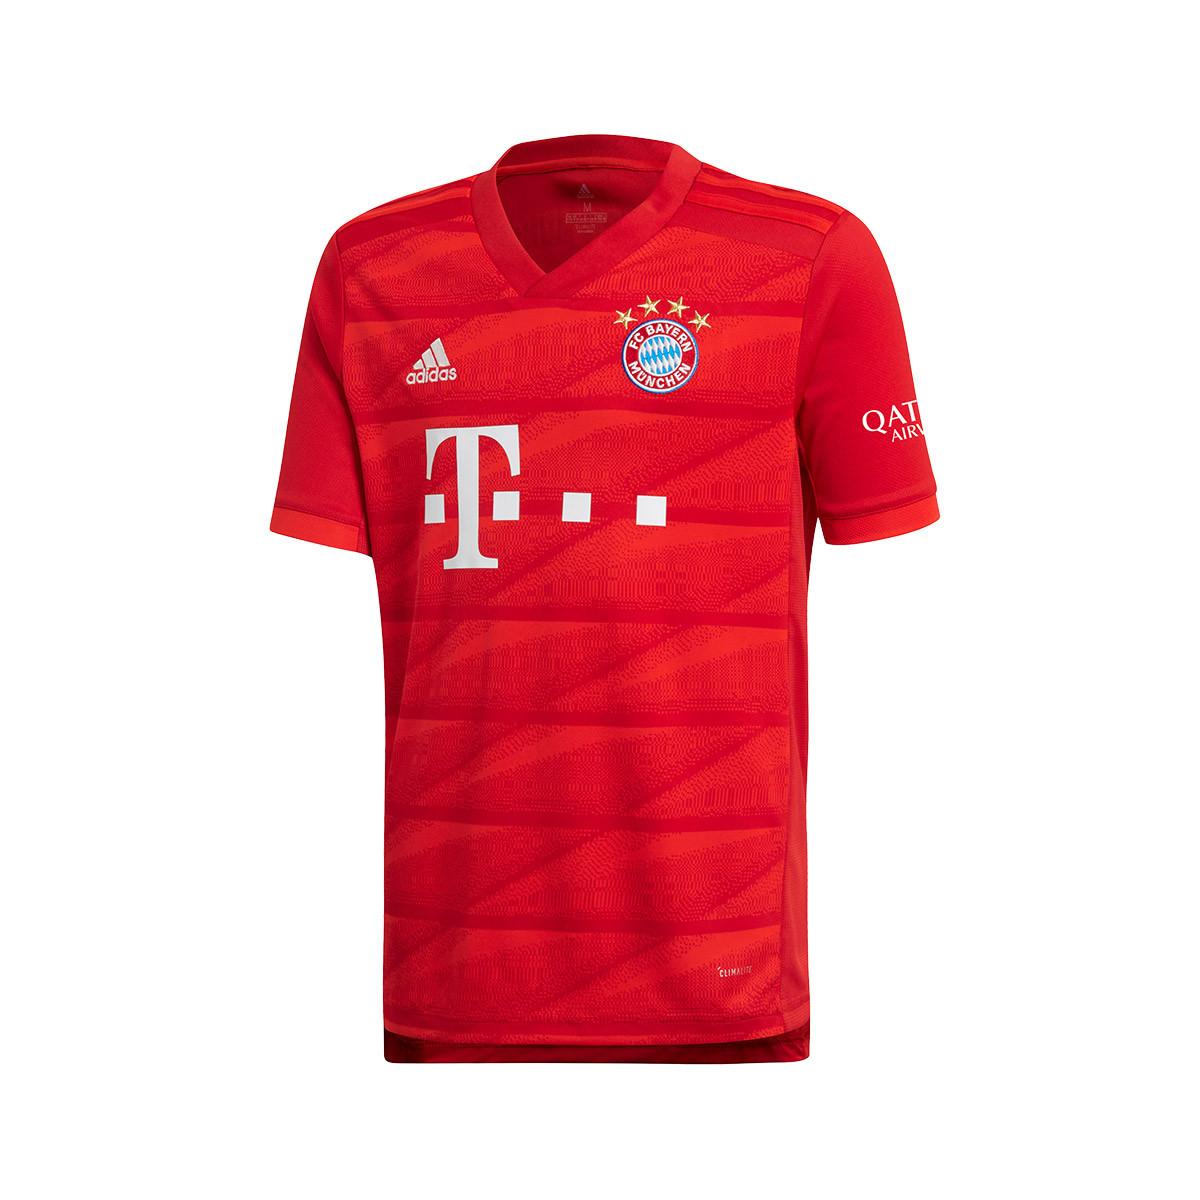 5406ef1c4 Adidas Bayern München - Bayern Mníchov dres detský (2019-2020) domáci +meno  a č.